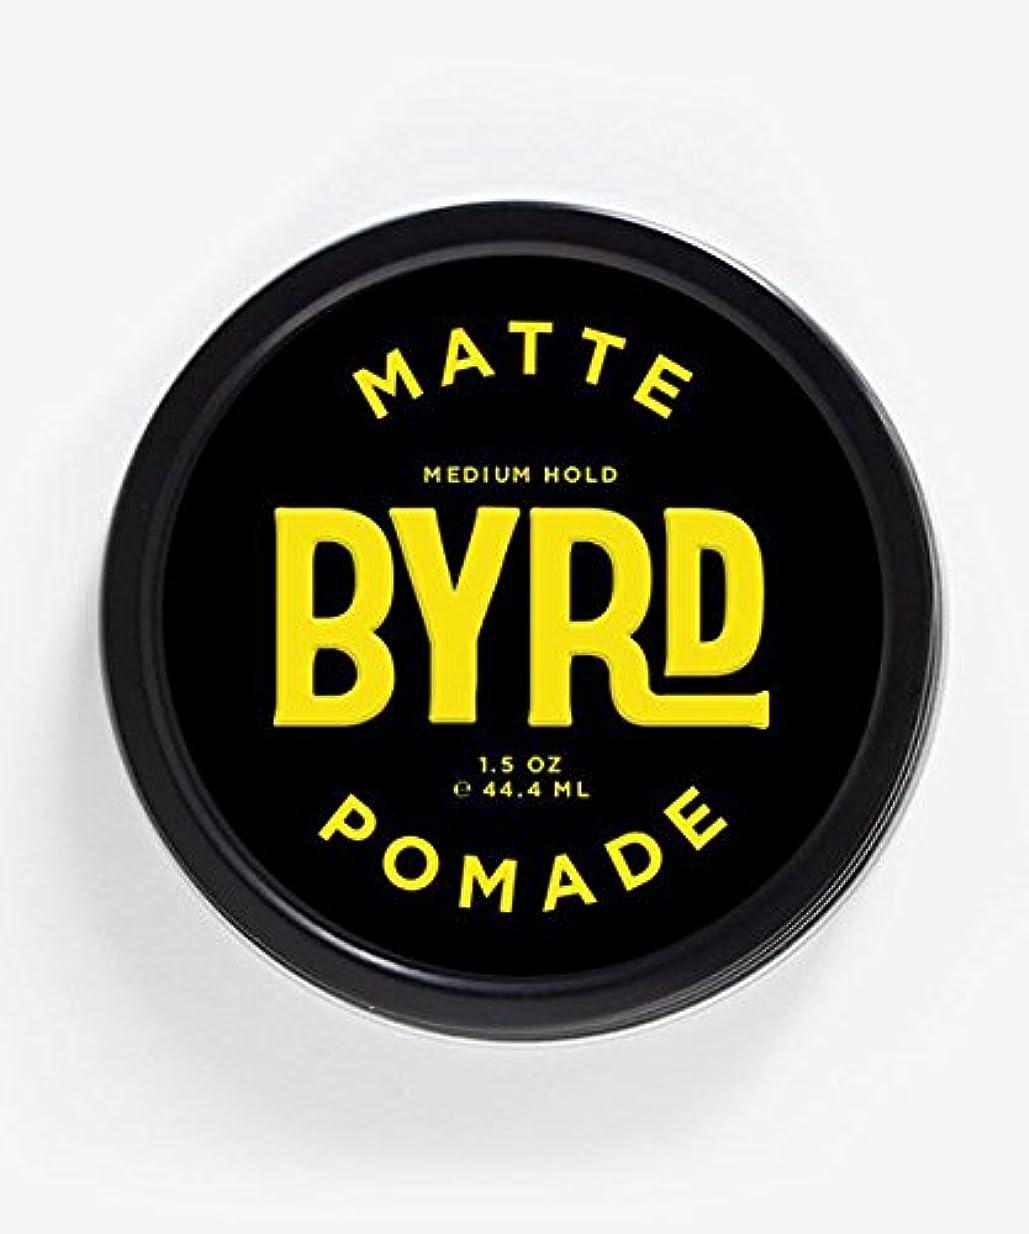 暗記する深遠暖かくBYRD(バード) マットポマード 42g